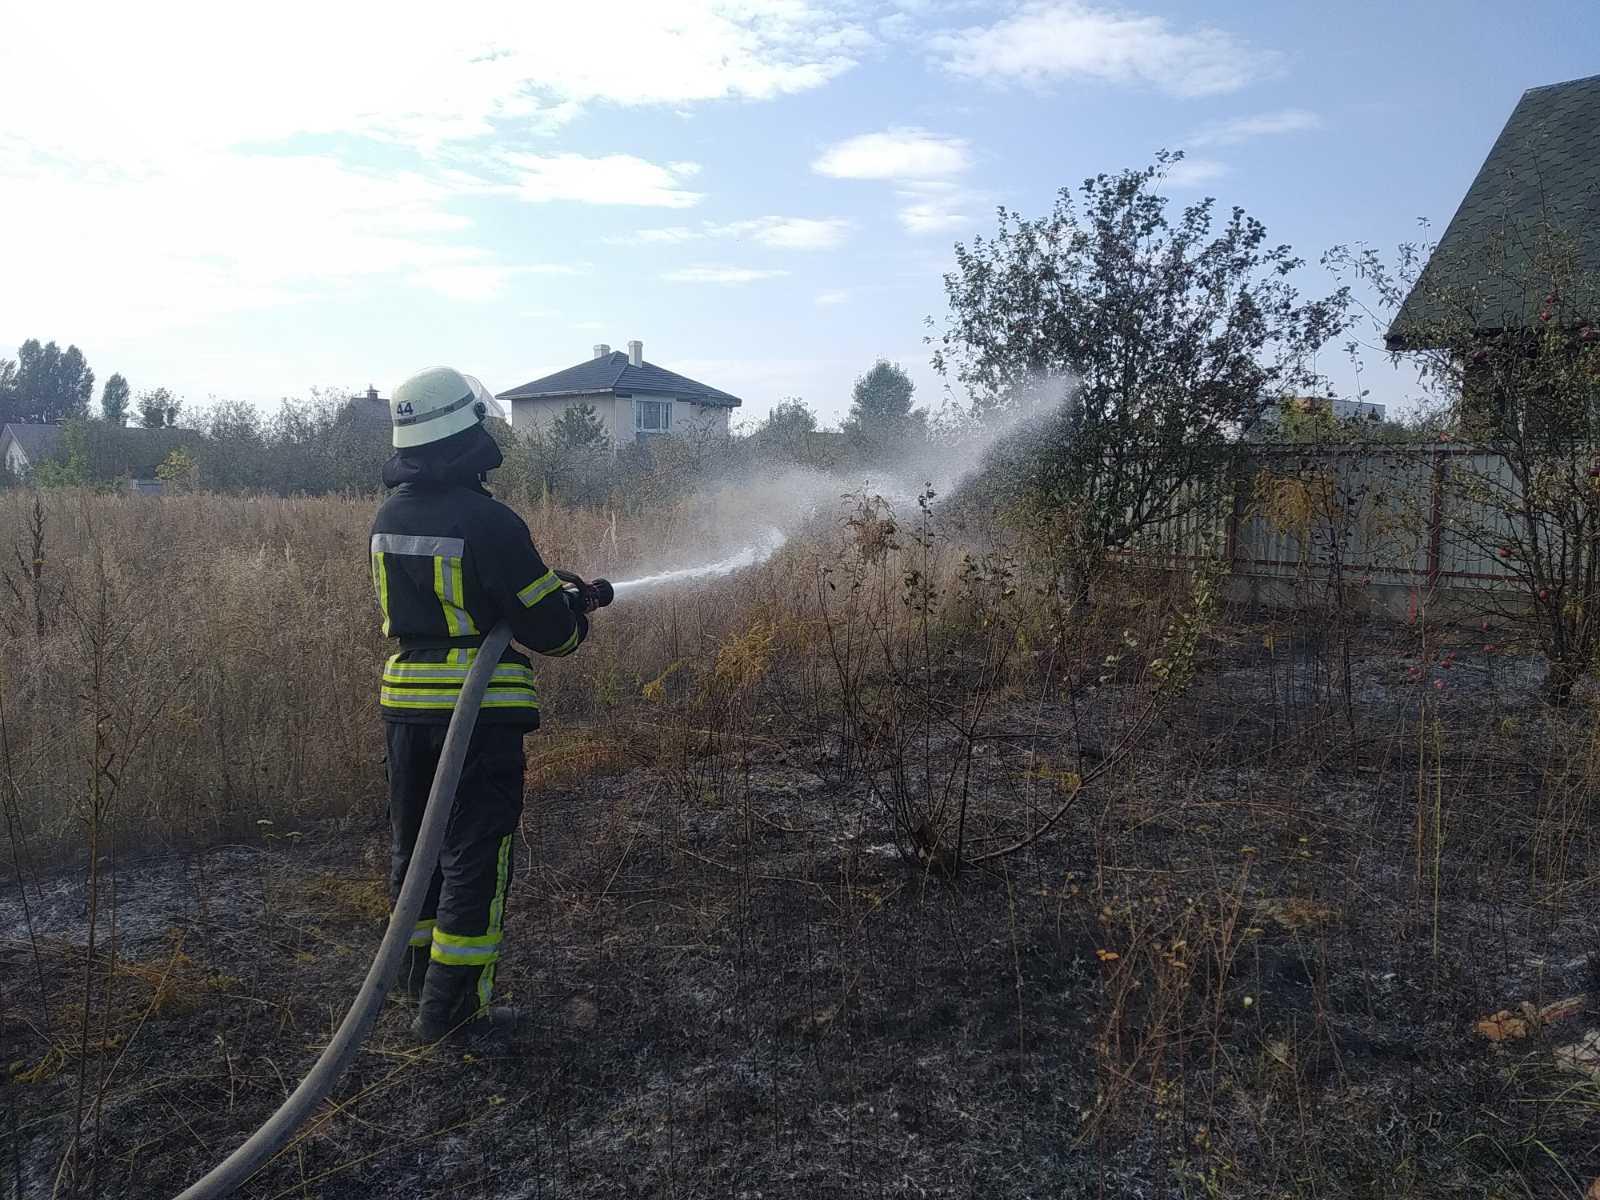 У Києво-Святошинському районі за вихідні було 11 пожеж - ГУ ДСНС у Київськійобласті, вогонь - yzobrazhenye vi2323ber 2020 09 28 09 14 15